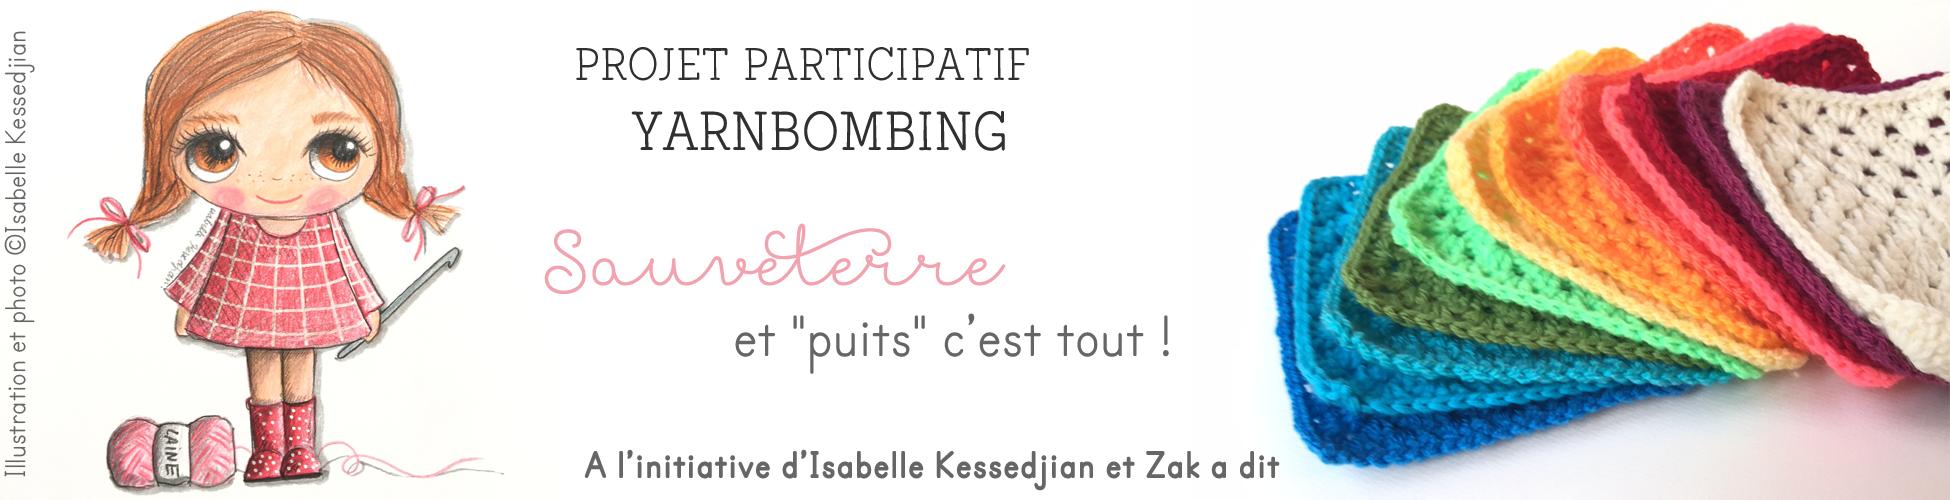 Projet participatif yarnbombing